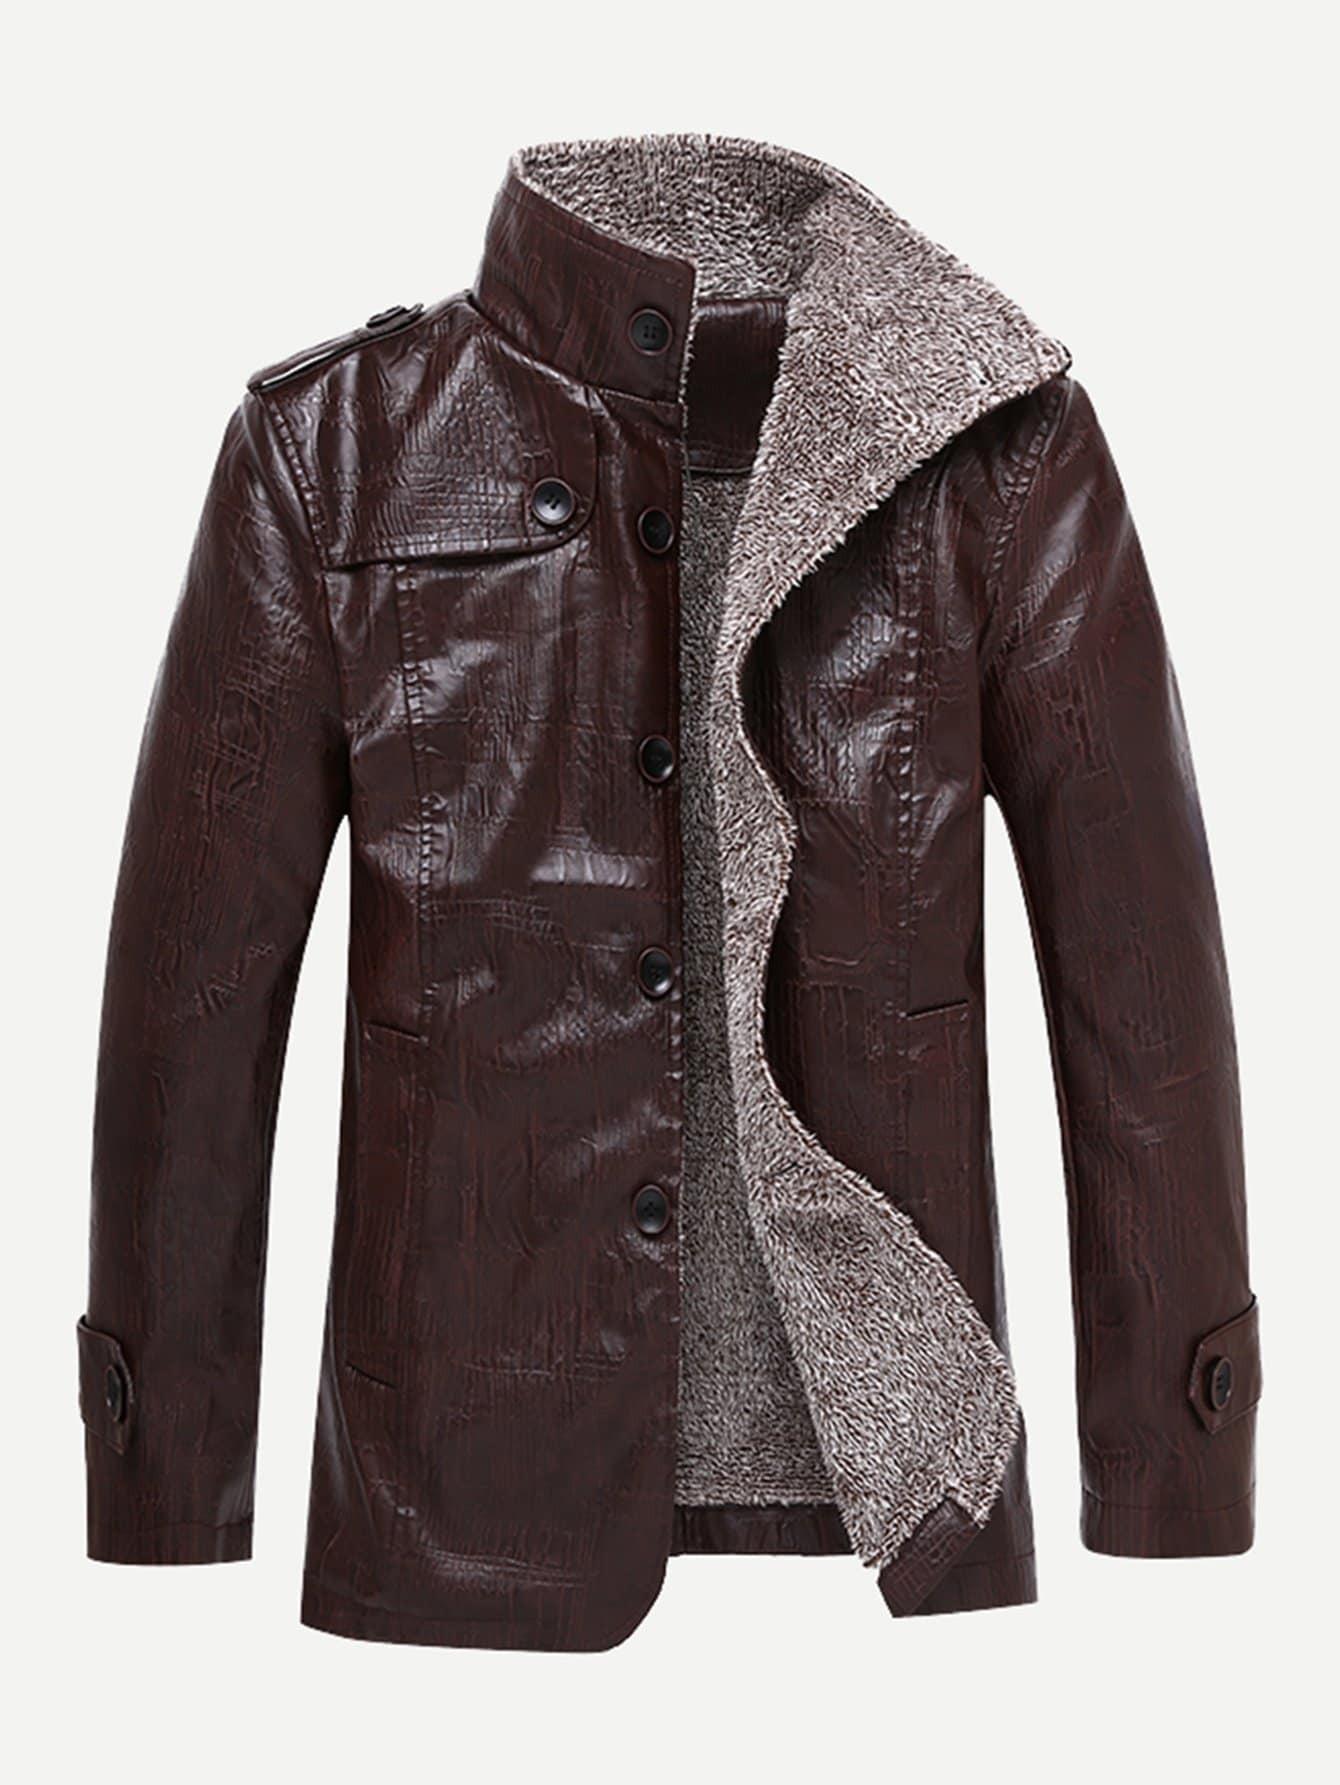 Купить Коричневый на пуговицах Одноцветный Повседневный стиль Мужское пальто, null, SheIn